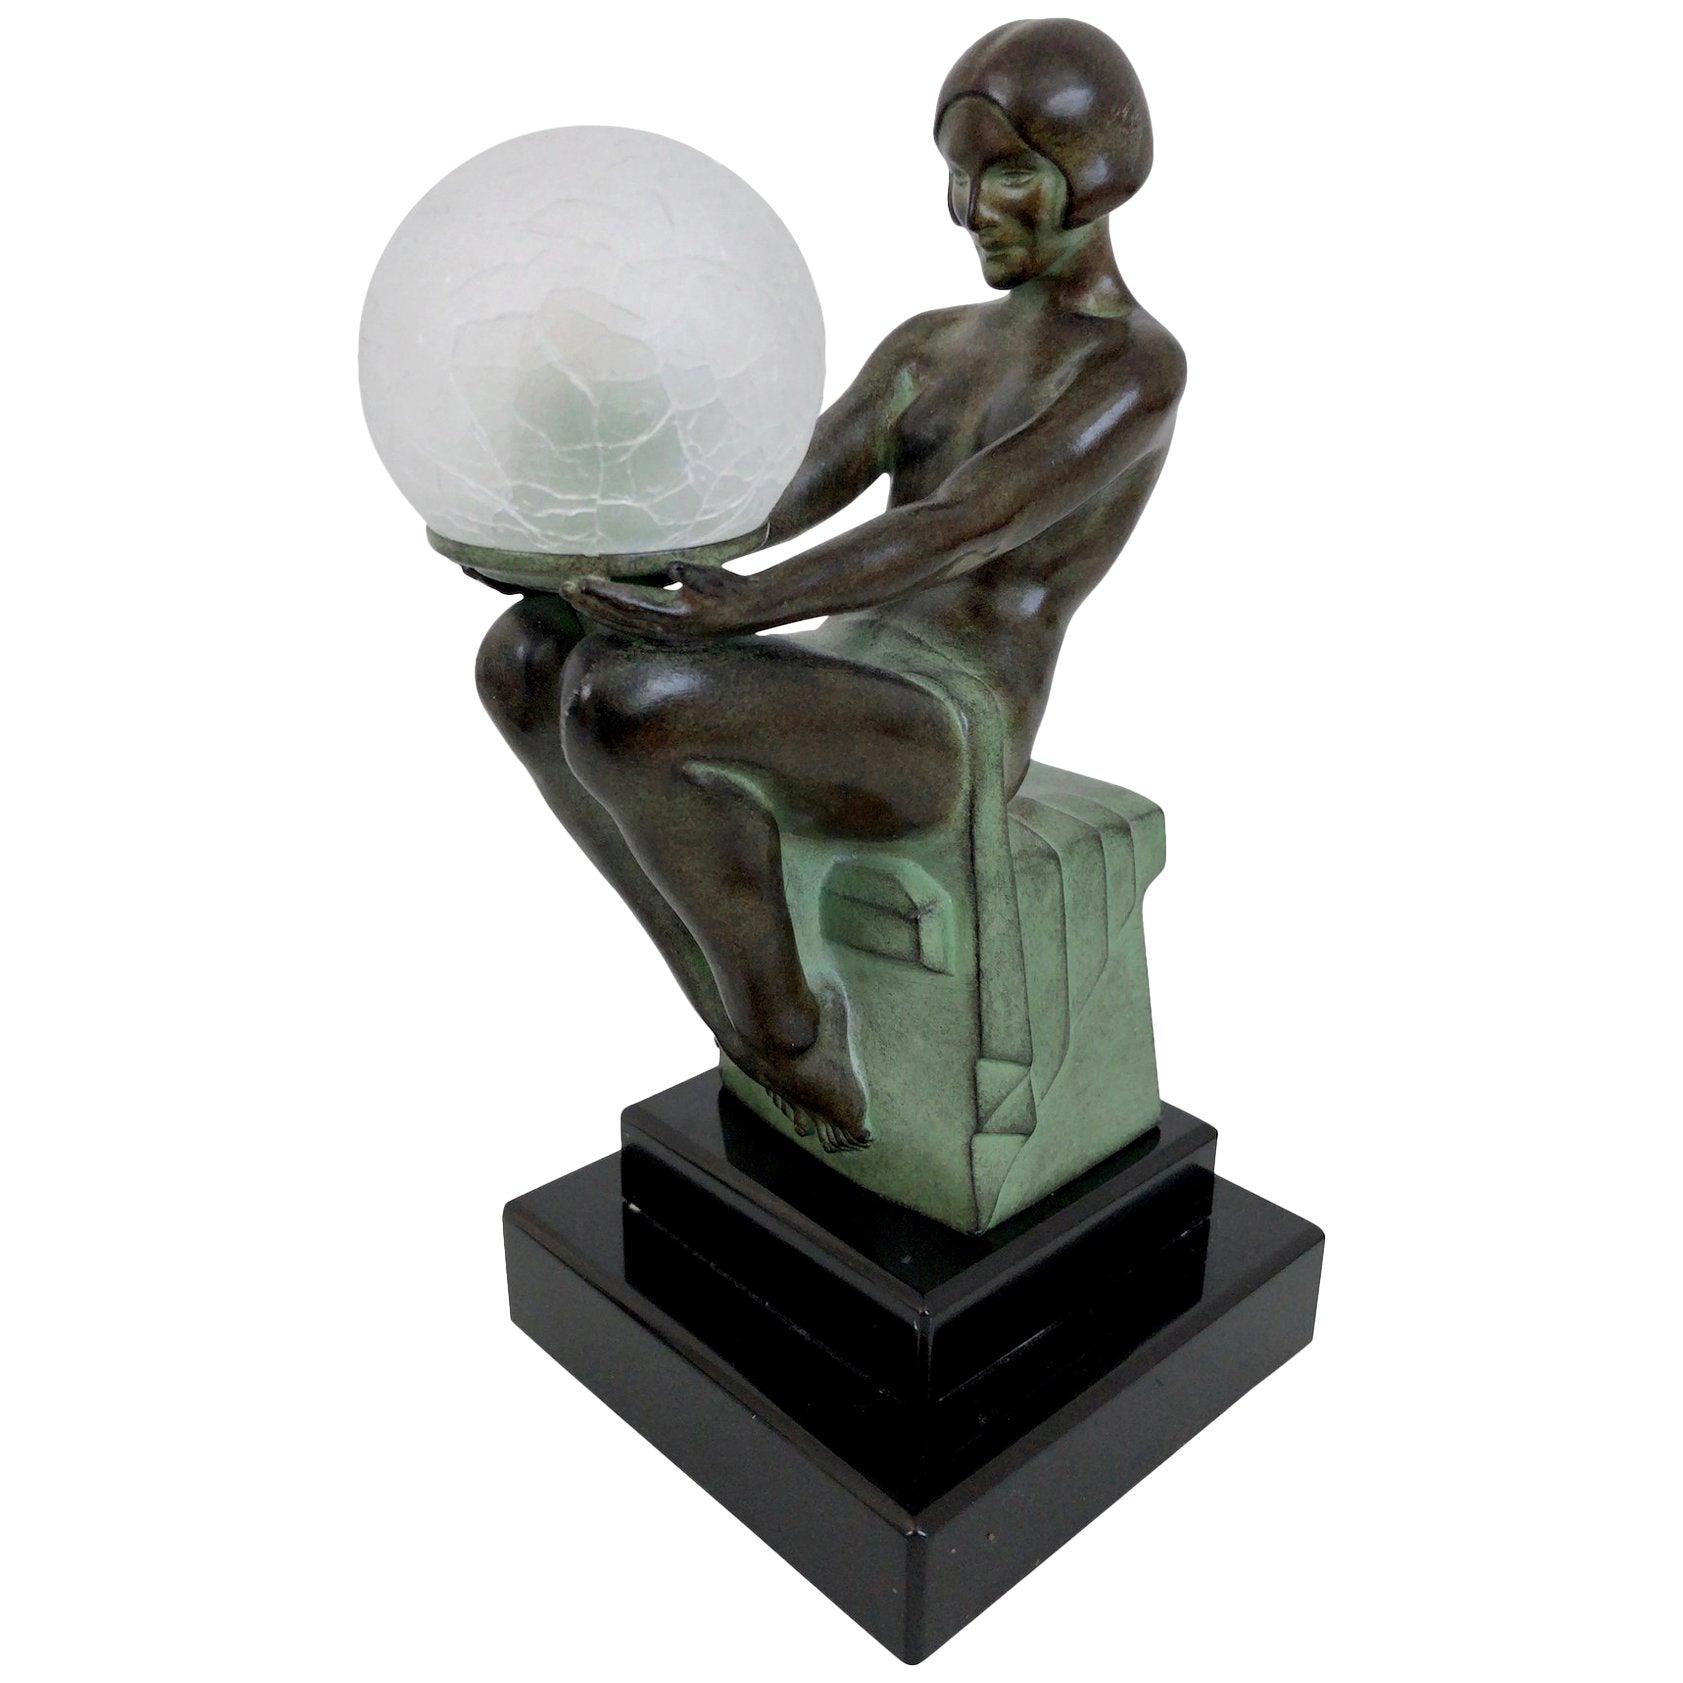 Delassement Lumineux French Art Deco Sculpture Lamp by Max Le Verrier